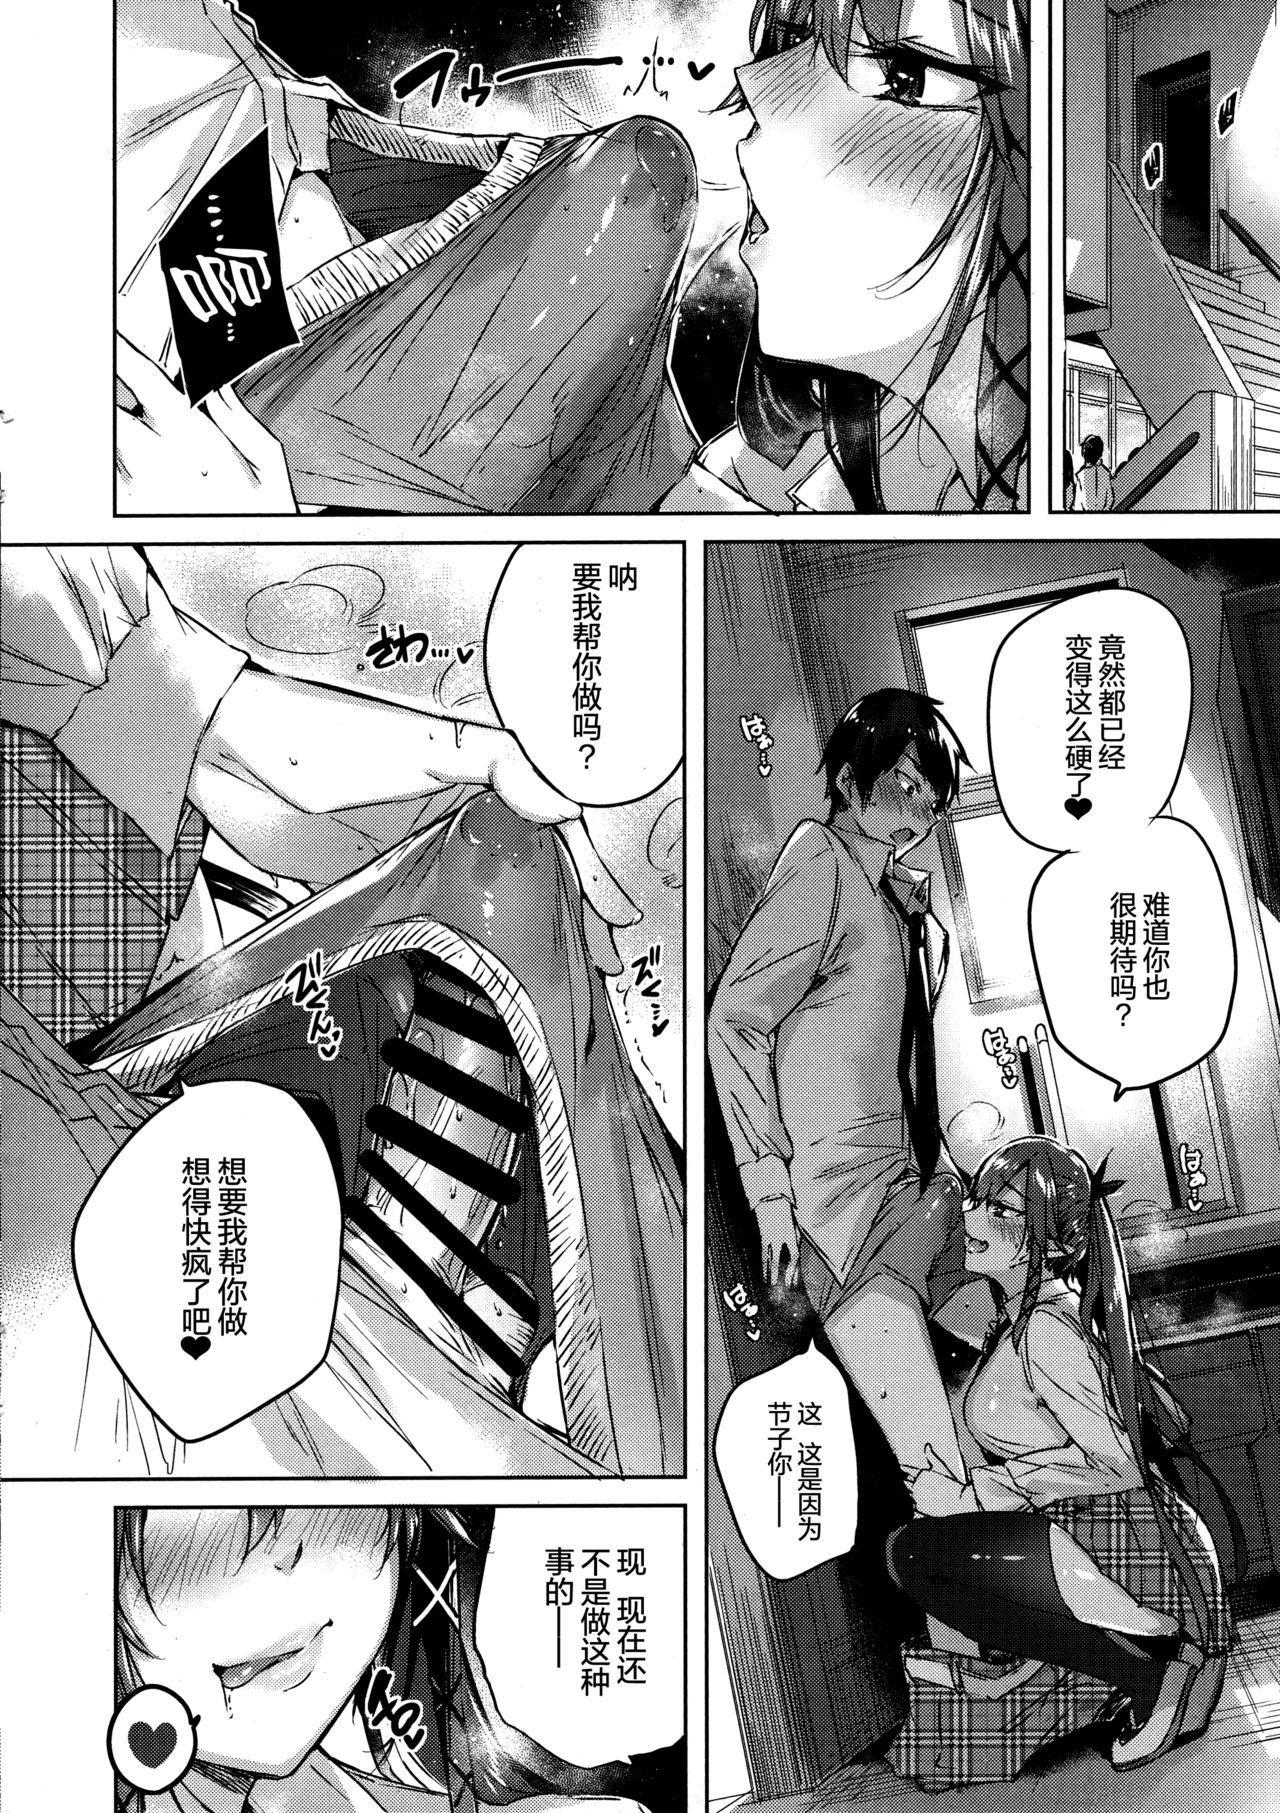 Koakuma Setsuko no Himitsu Vol. 5 9